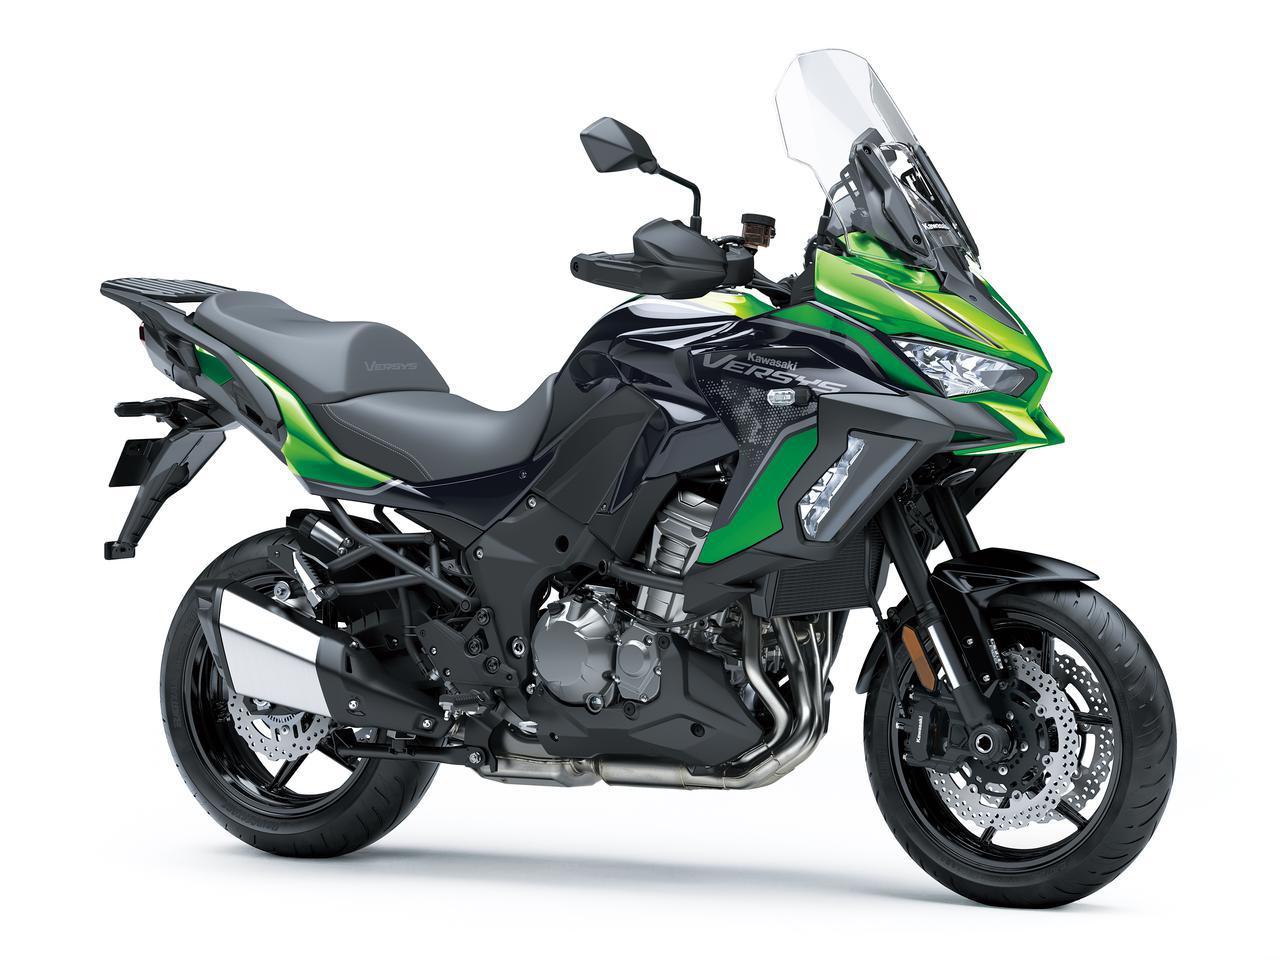 画像: Kawasaki VERSYS 1000 S (2021年モデル・欧州仕様車)